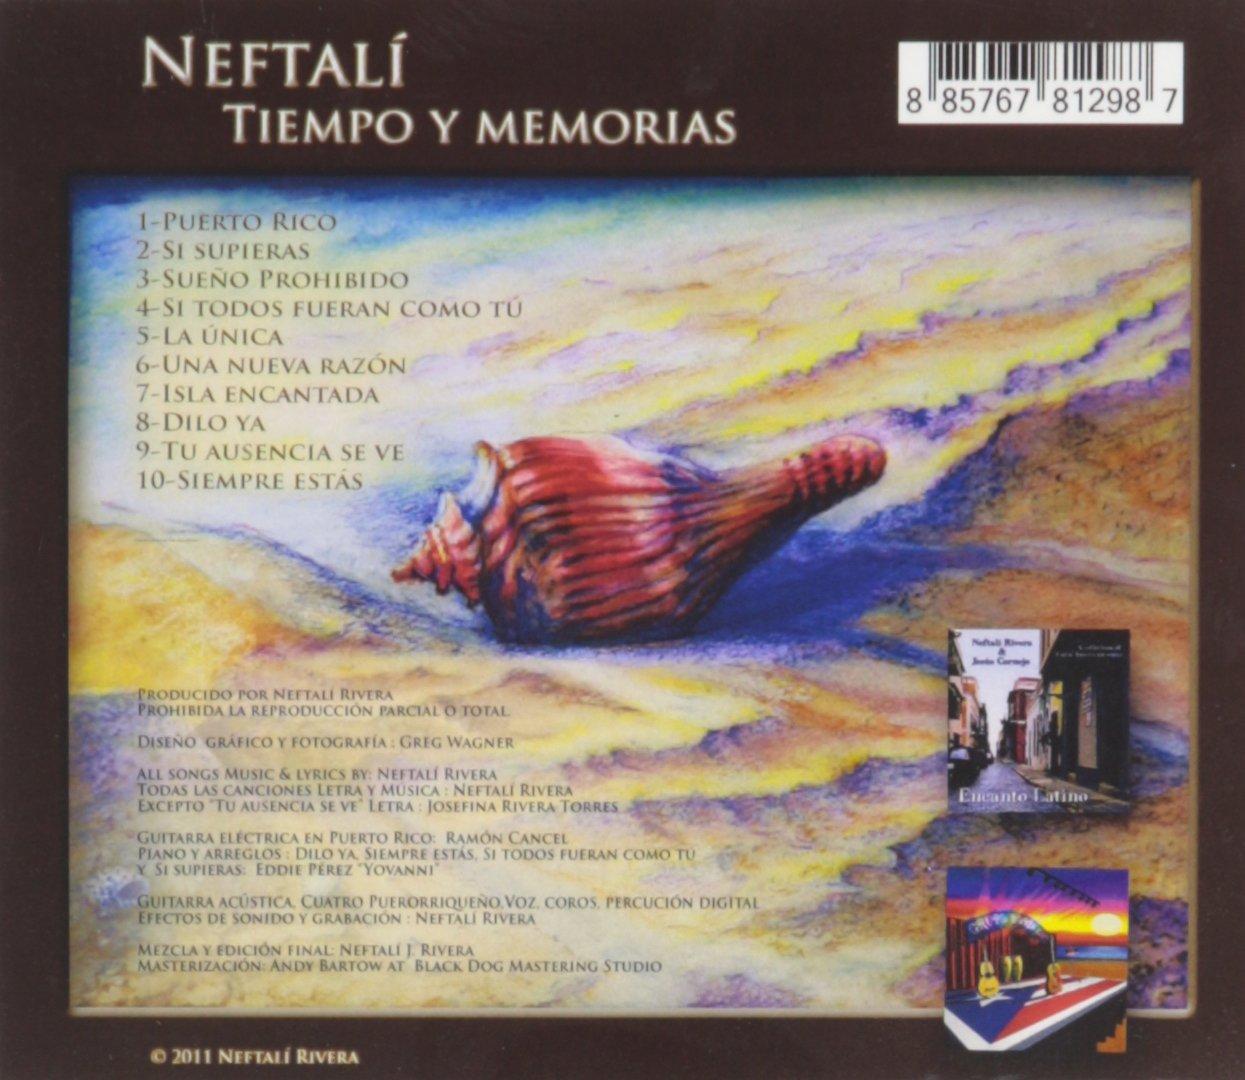 Neftali - Tiempo Y Memorias - Amazon.com Music